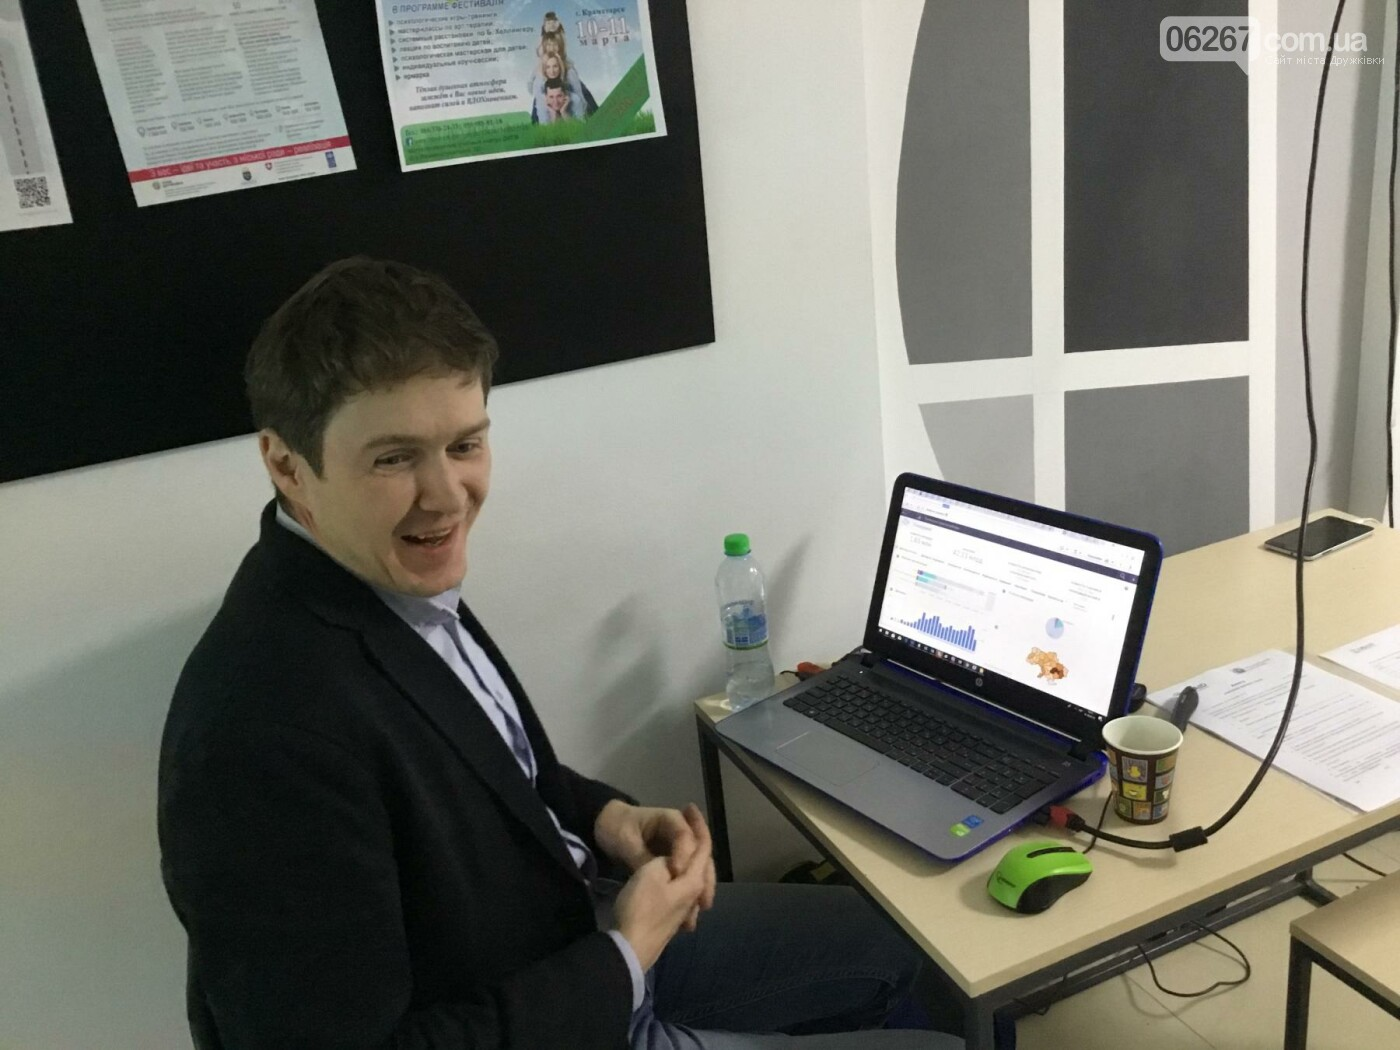 В Дружковке рассказали, как выявлять нарушения и махинации в сфере госзакупок при помощи электронных инструментов, фото-2